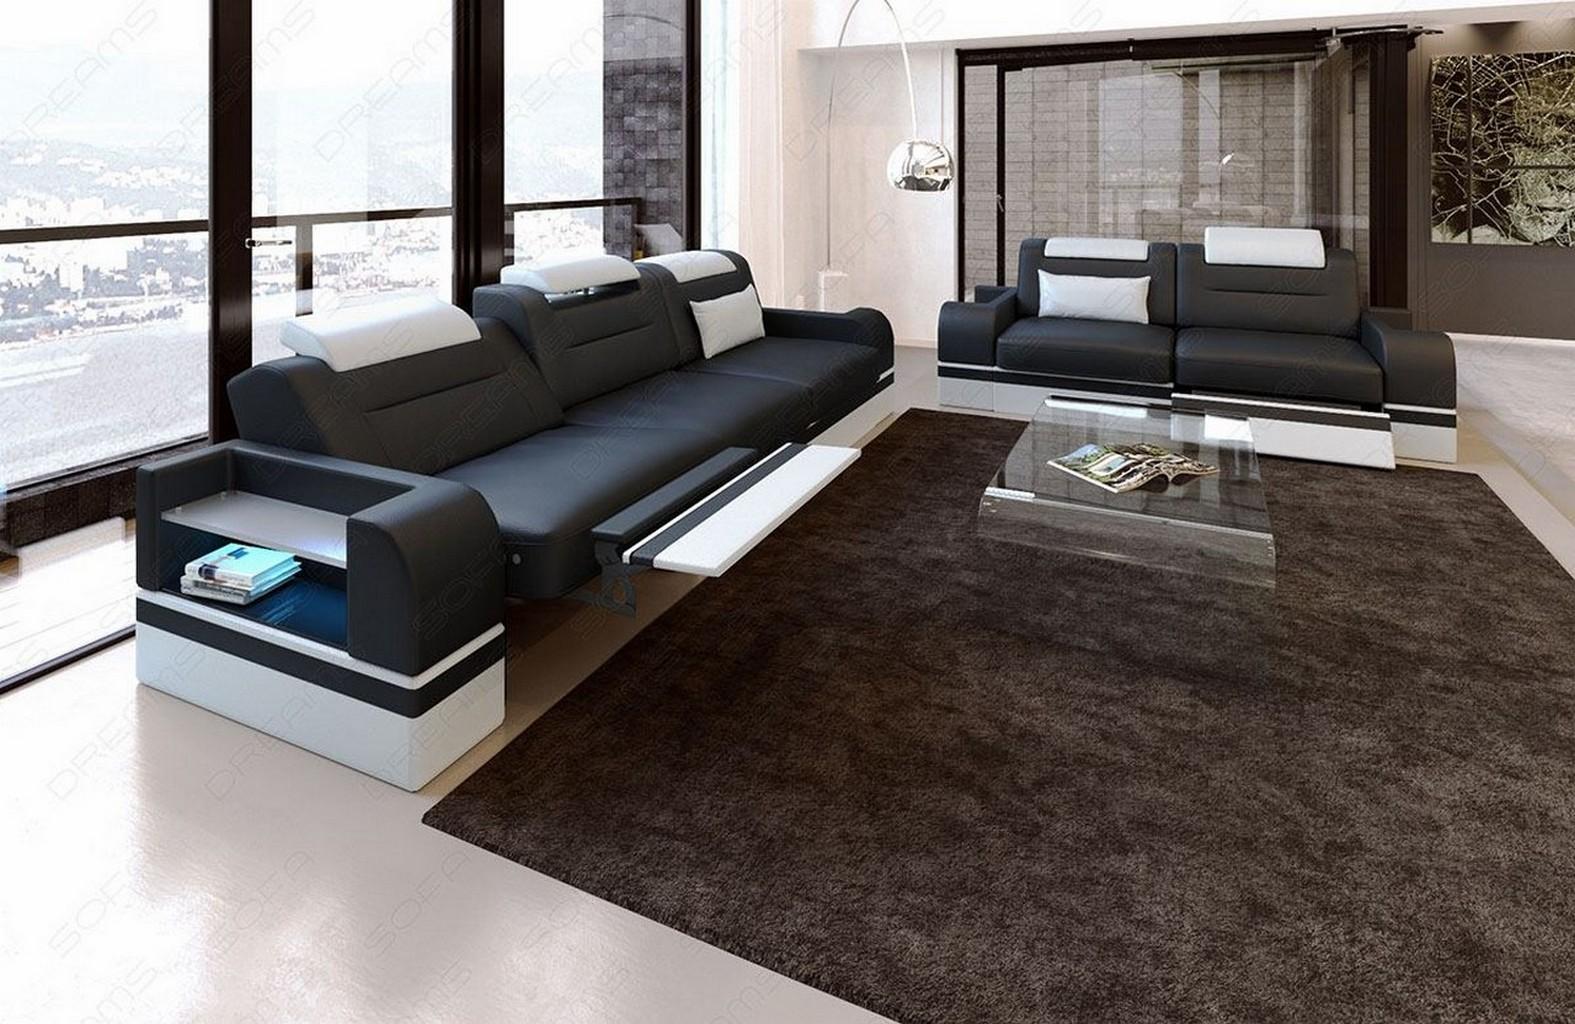 couchgarnitur leder parma led 3 sitzer 2 sitzer sessel design sofa garnitur ebay. Black Bedroom Furniture Sets. Home Design Ideas